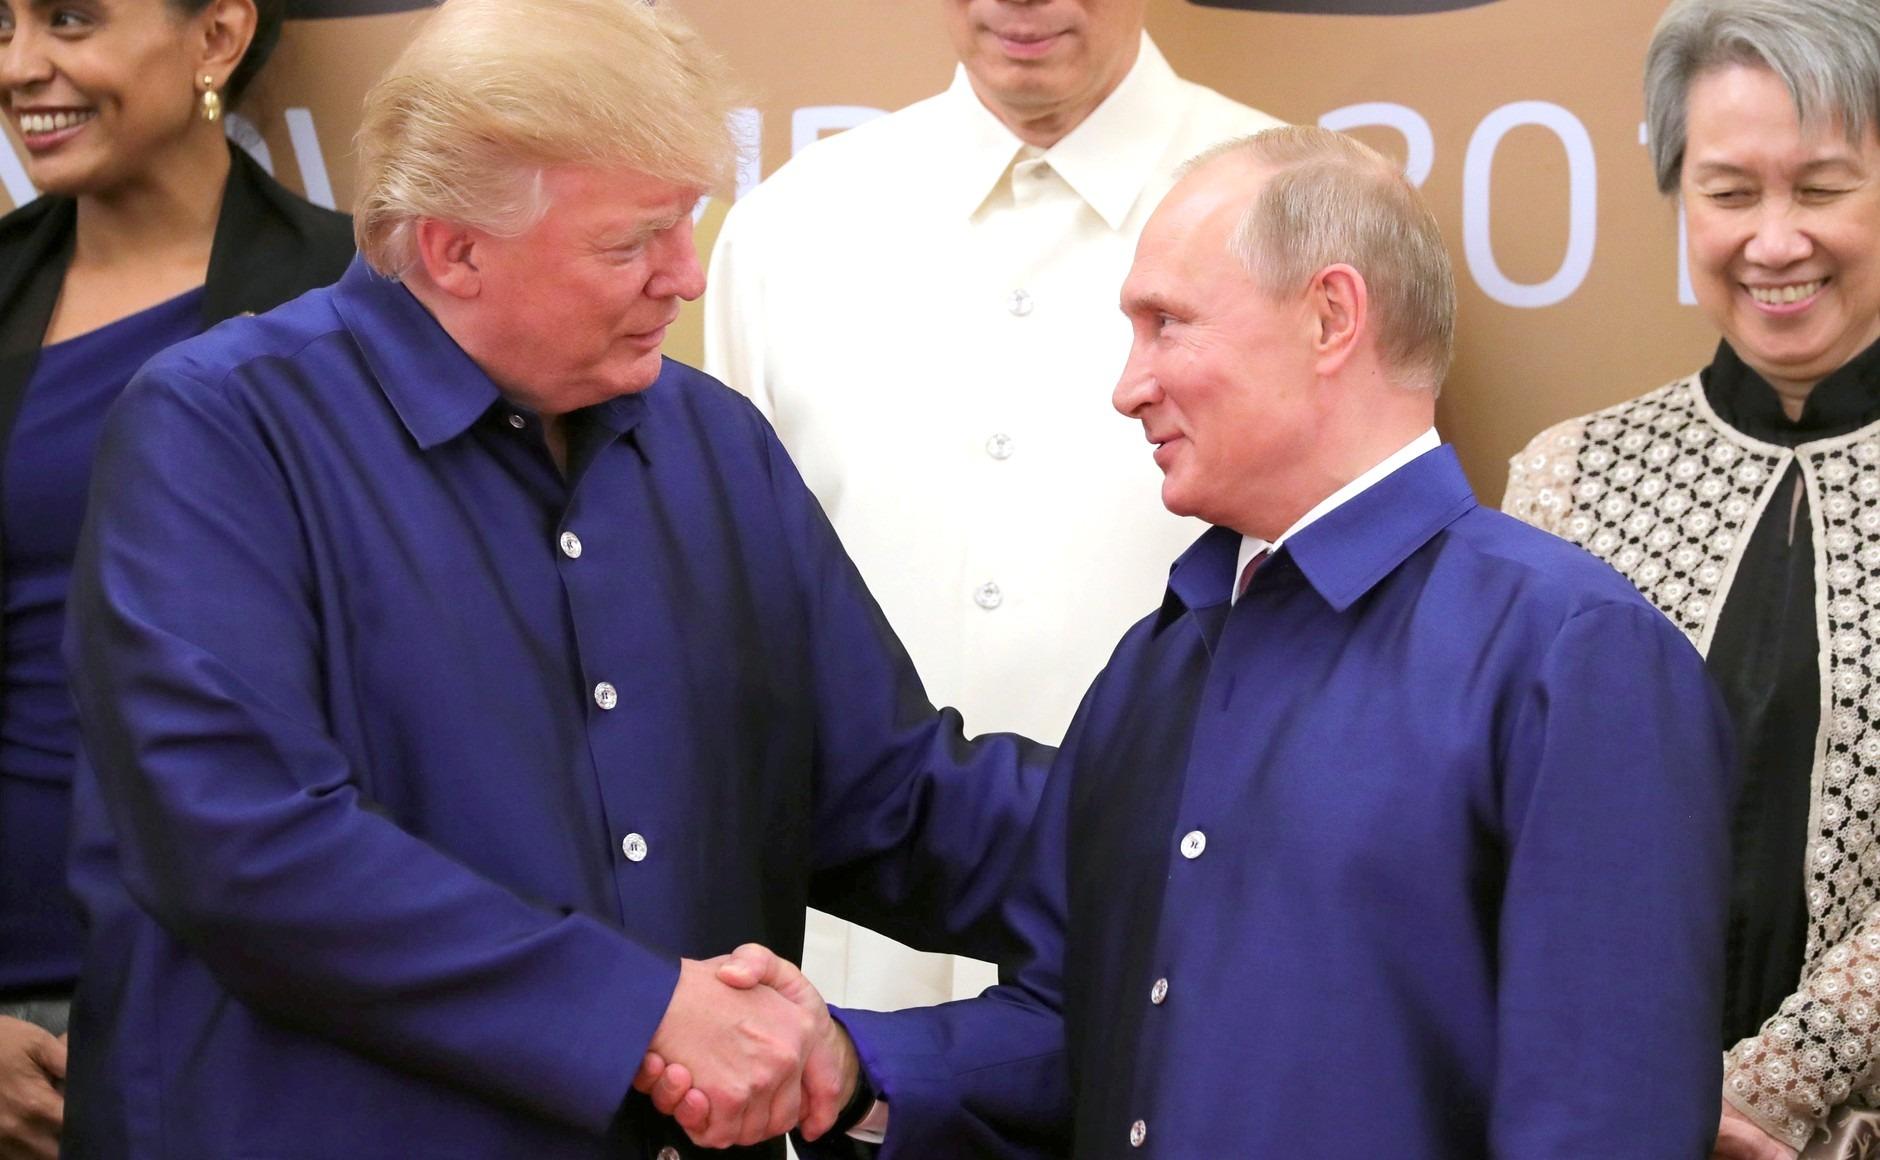 Putin and Trump shake hands at APEC meeting in Vietnam in November 2017